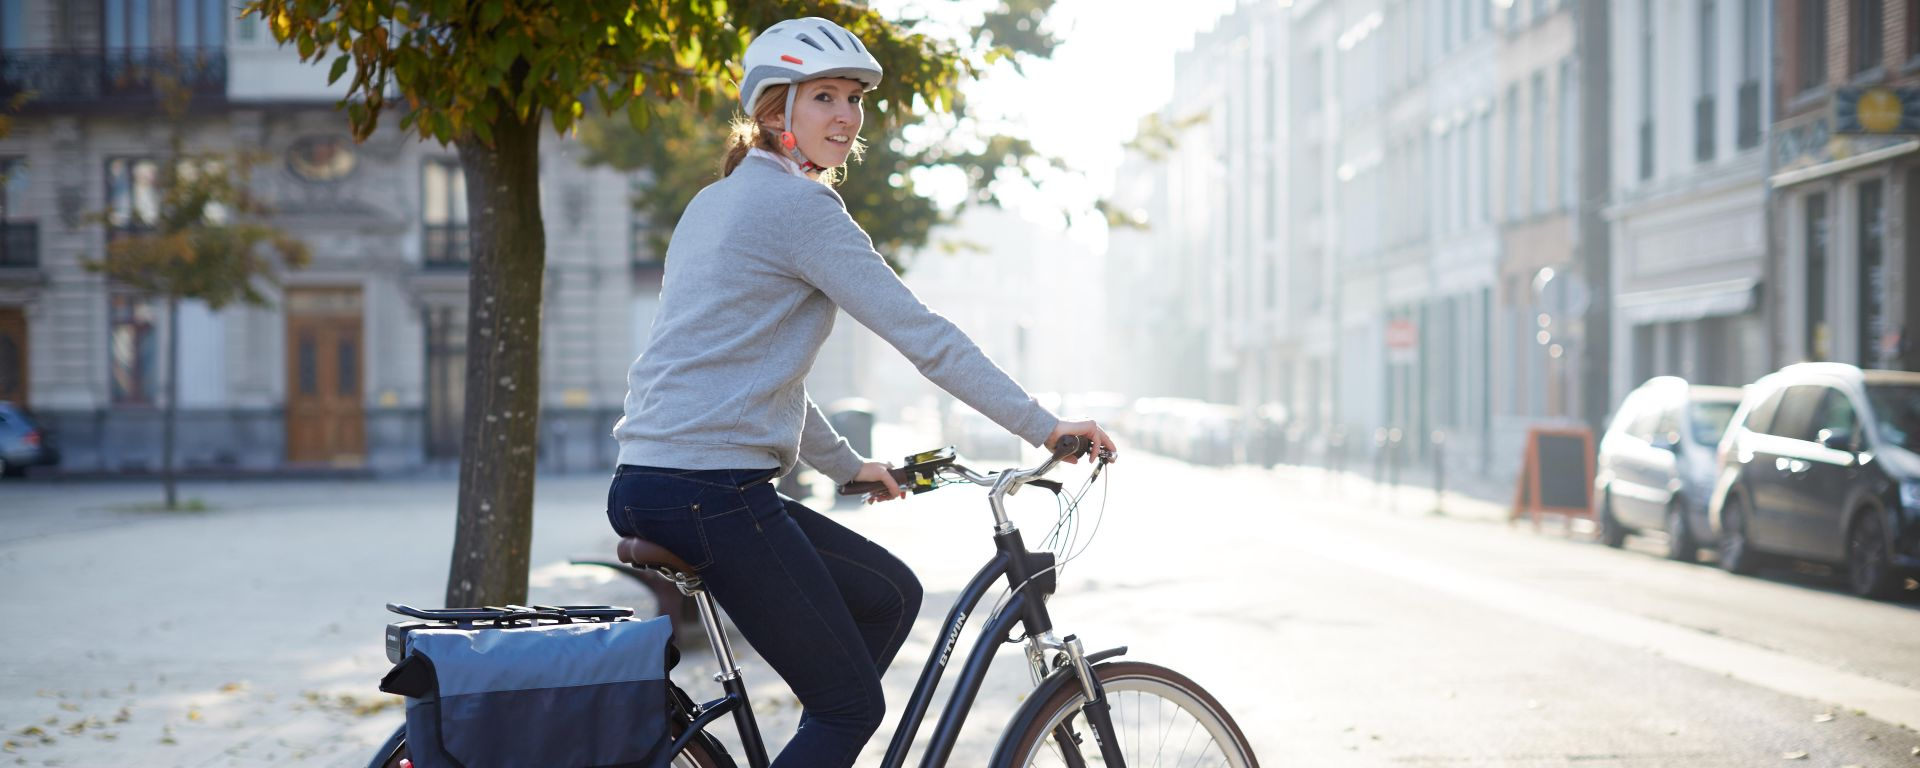 Speciale e-bike: una urban bike in città